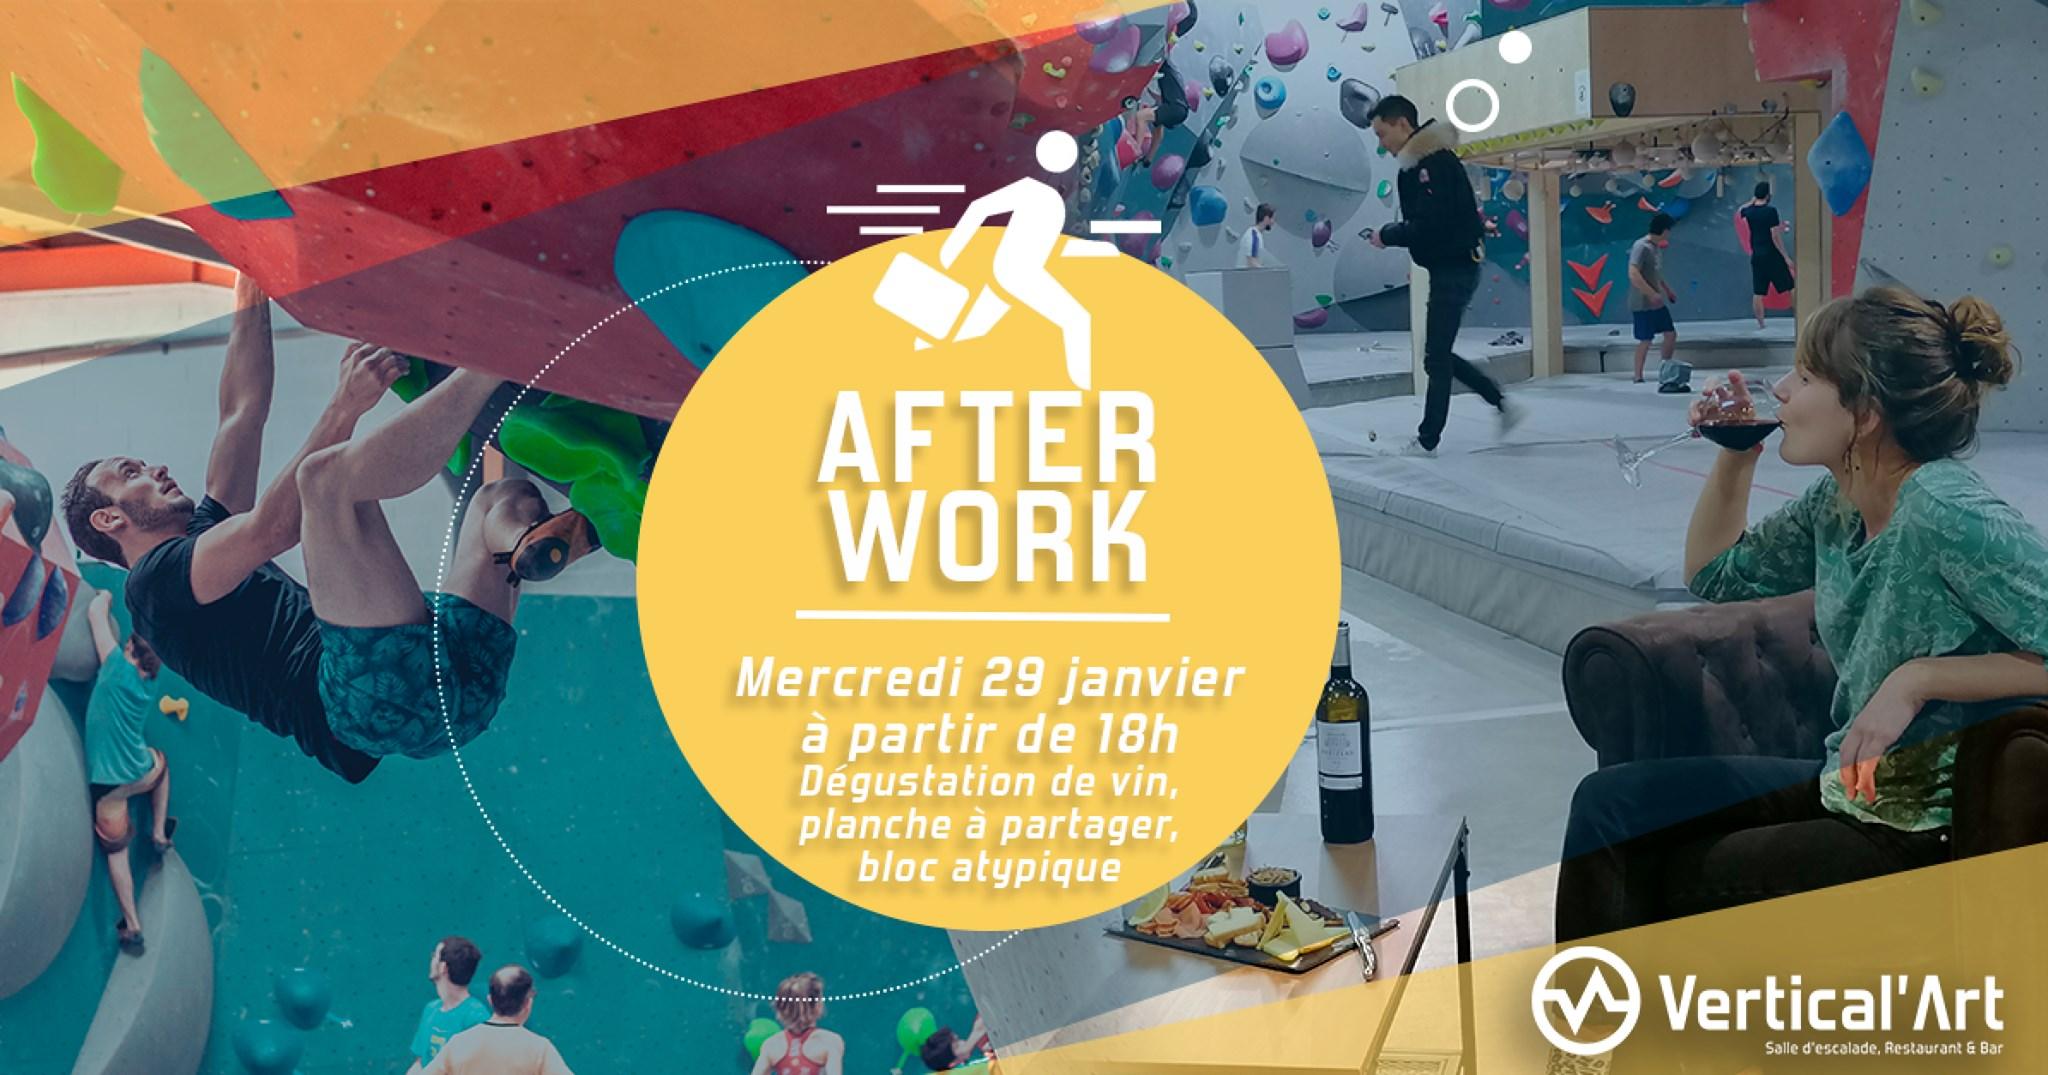 Nantes soirée d'après travaille - After Work - Dégustation vins et charcutries - Vin bio AOP - Vertical'art nantes - restaurant bar à Nantes - Salle d'escalade vertical'art